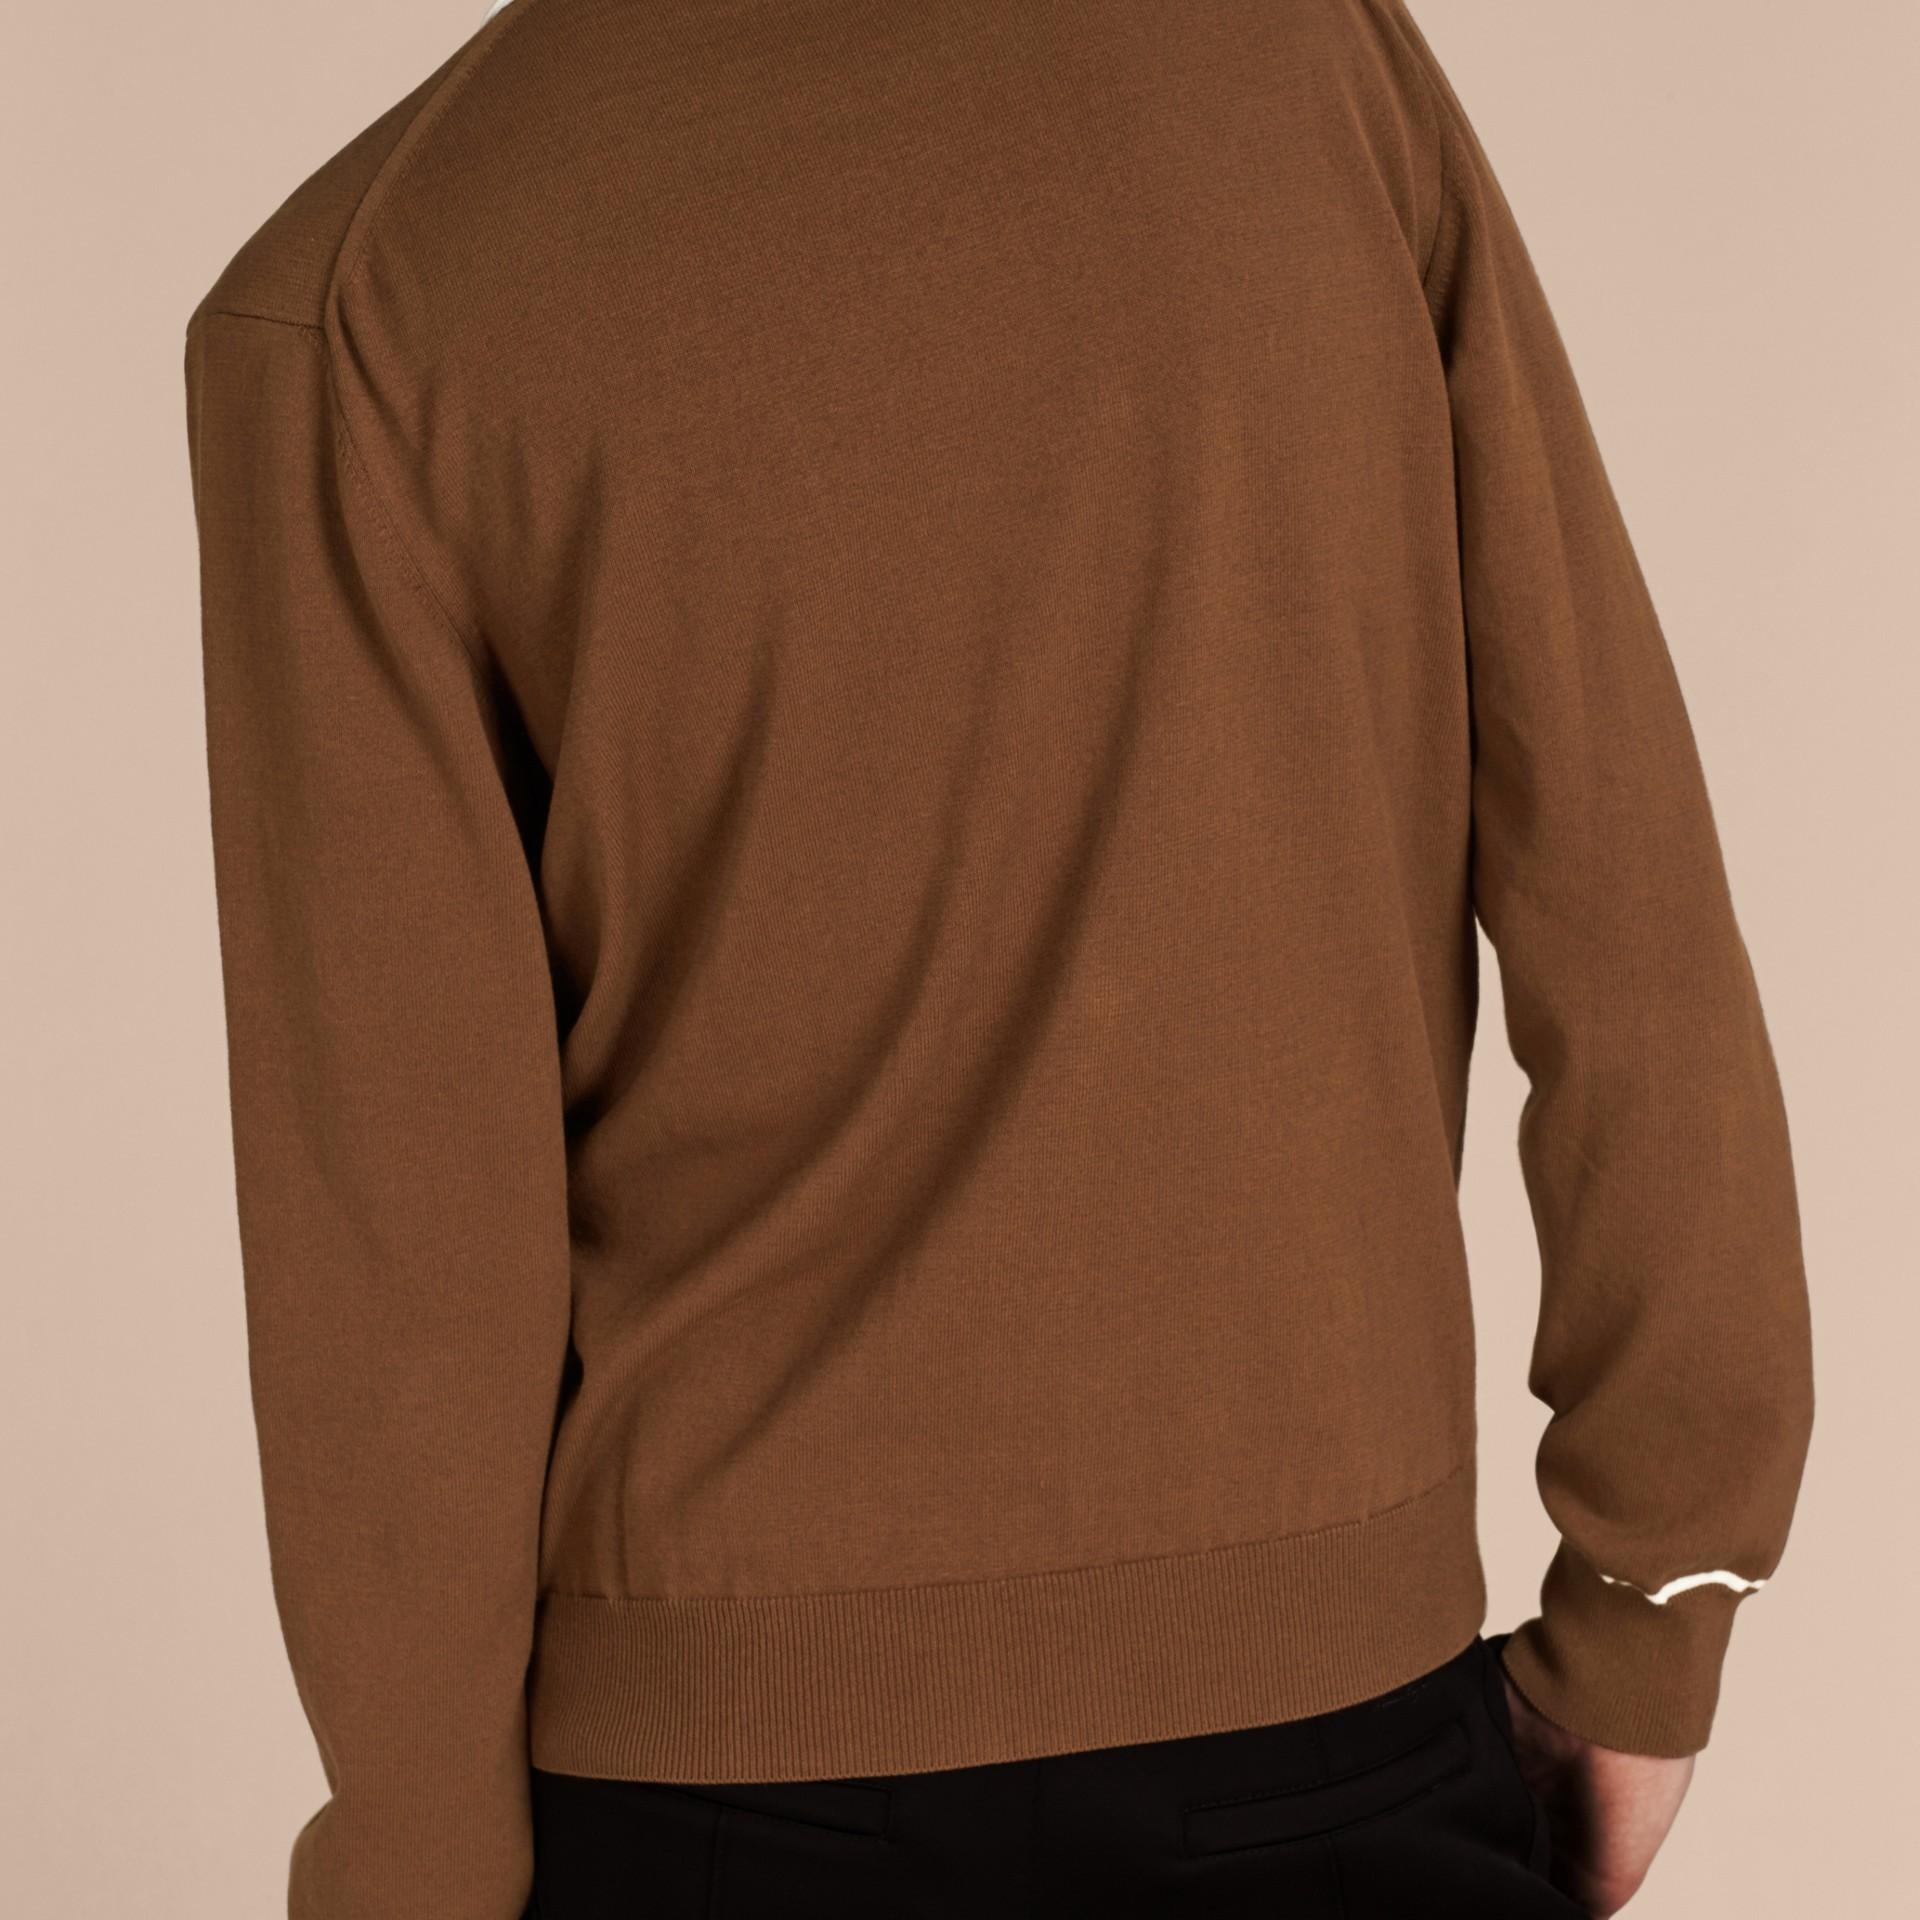 Marrone ocra Cardigan in cotone tecnico con bordi a contrasto Marrone Ocra - immagine della galleria 2